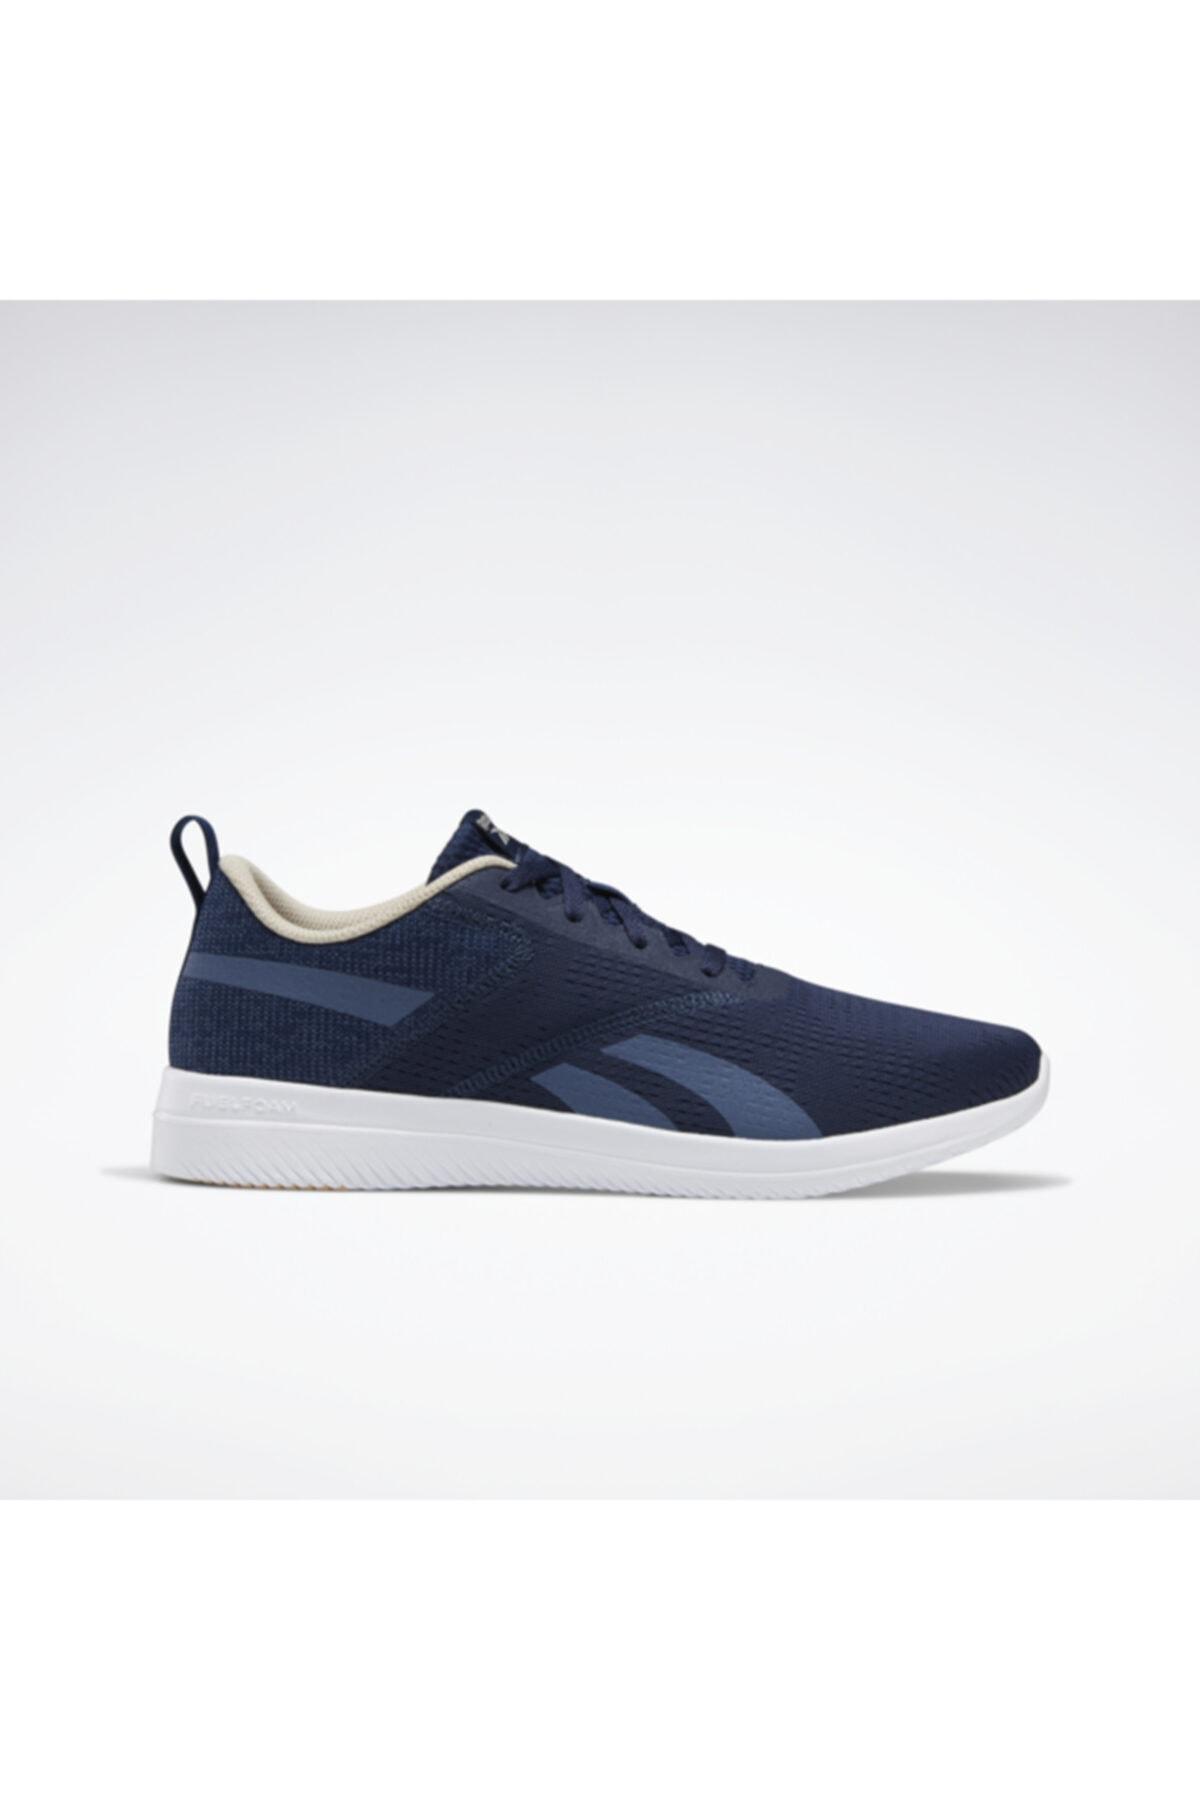 فروش اینترنتی کفش کوهنوردی مردانه با قیمت برند ریبوک رنگ آبی کد ty52148196